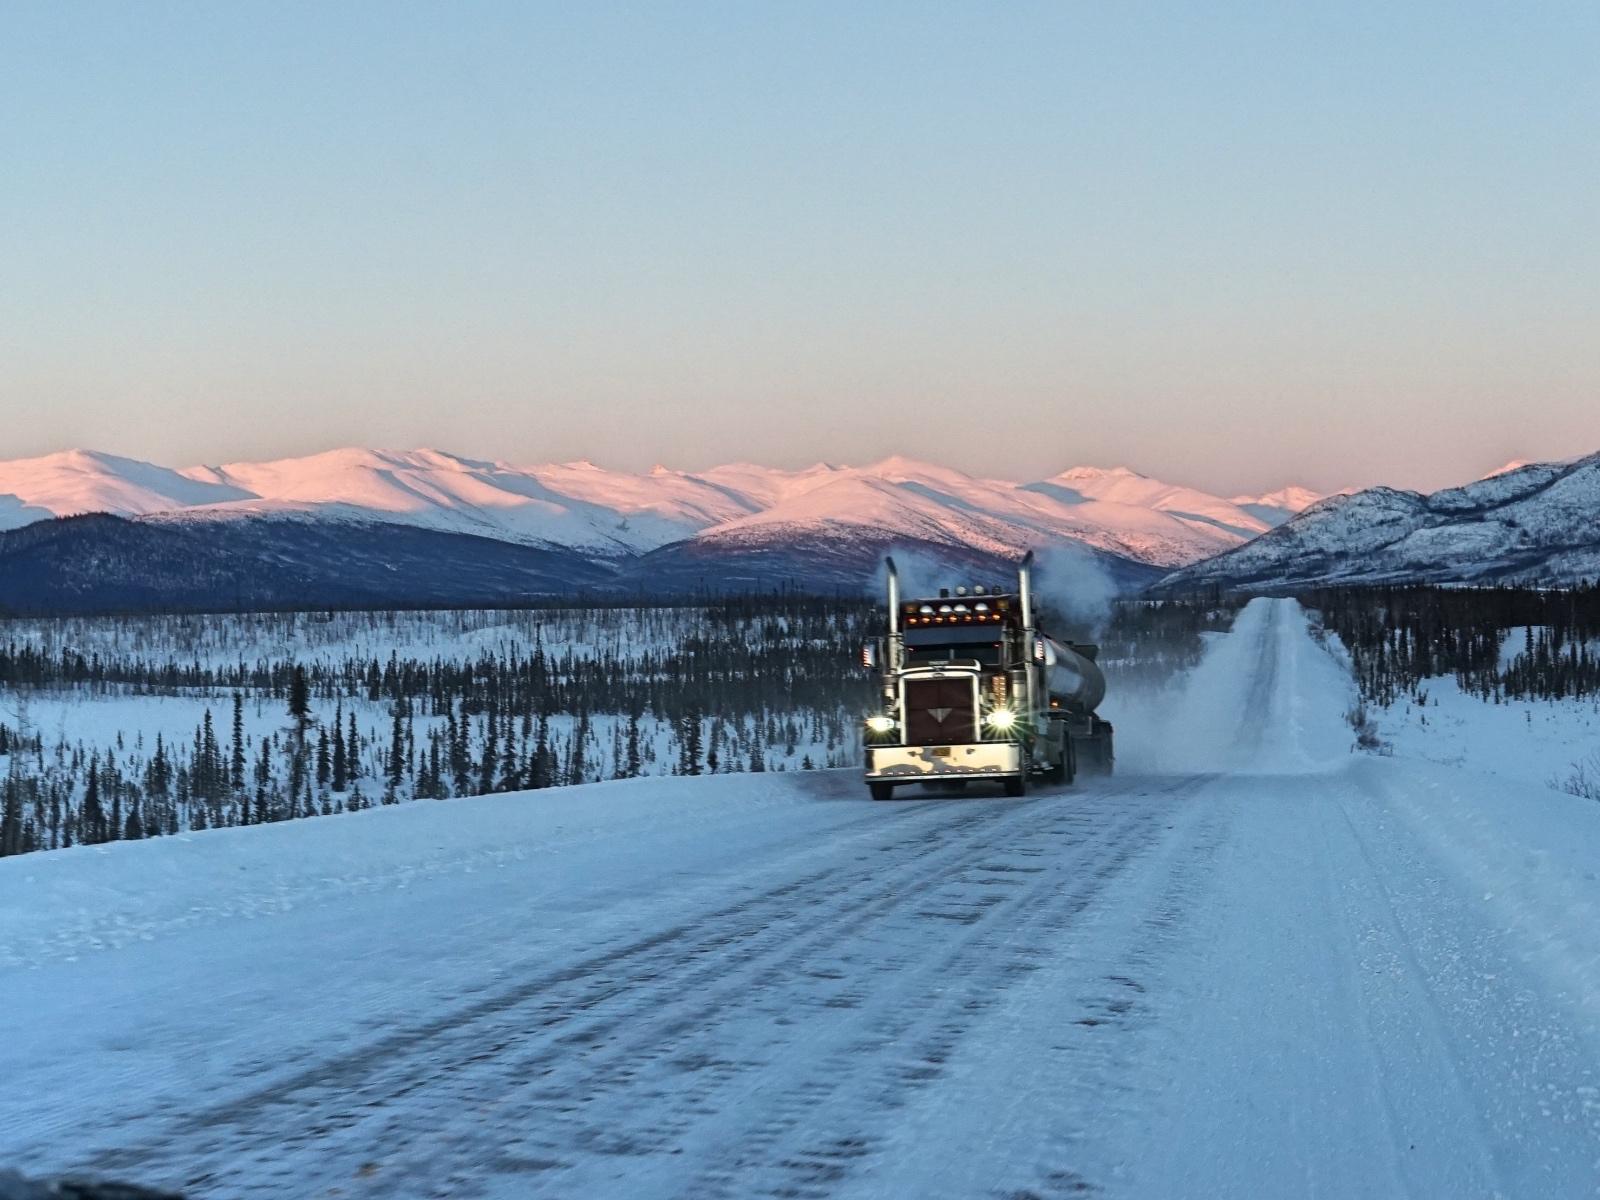 Inverno na mina lavando a louca no Artico do Alasca